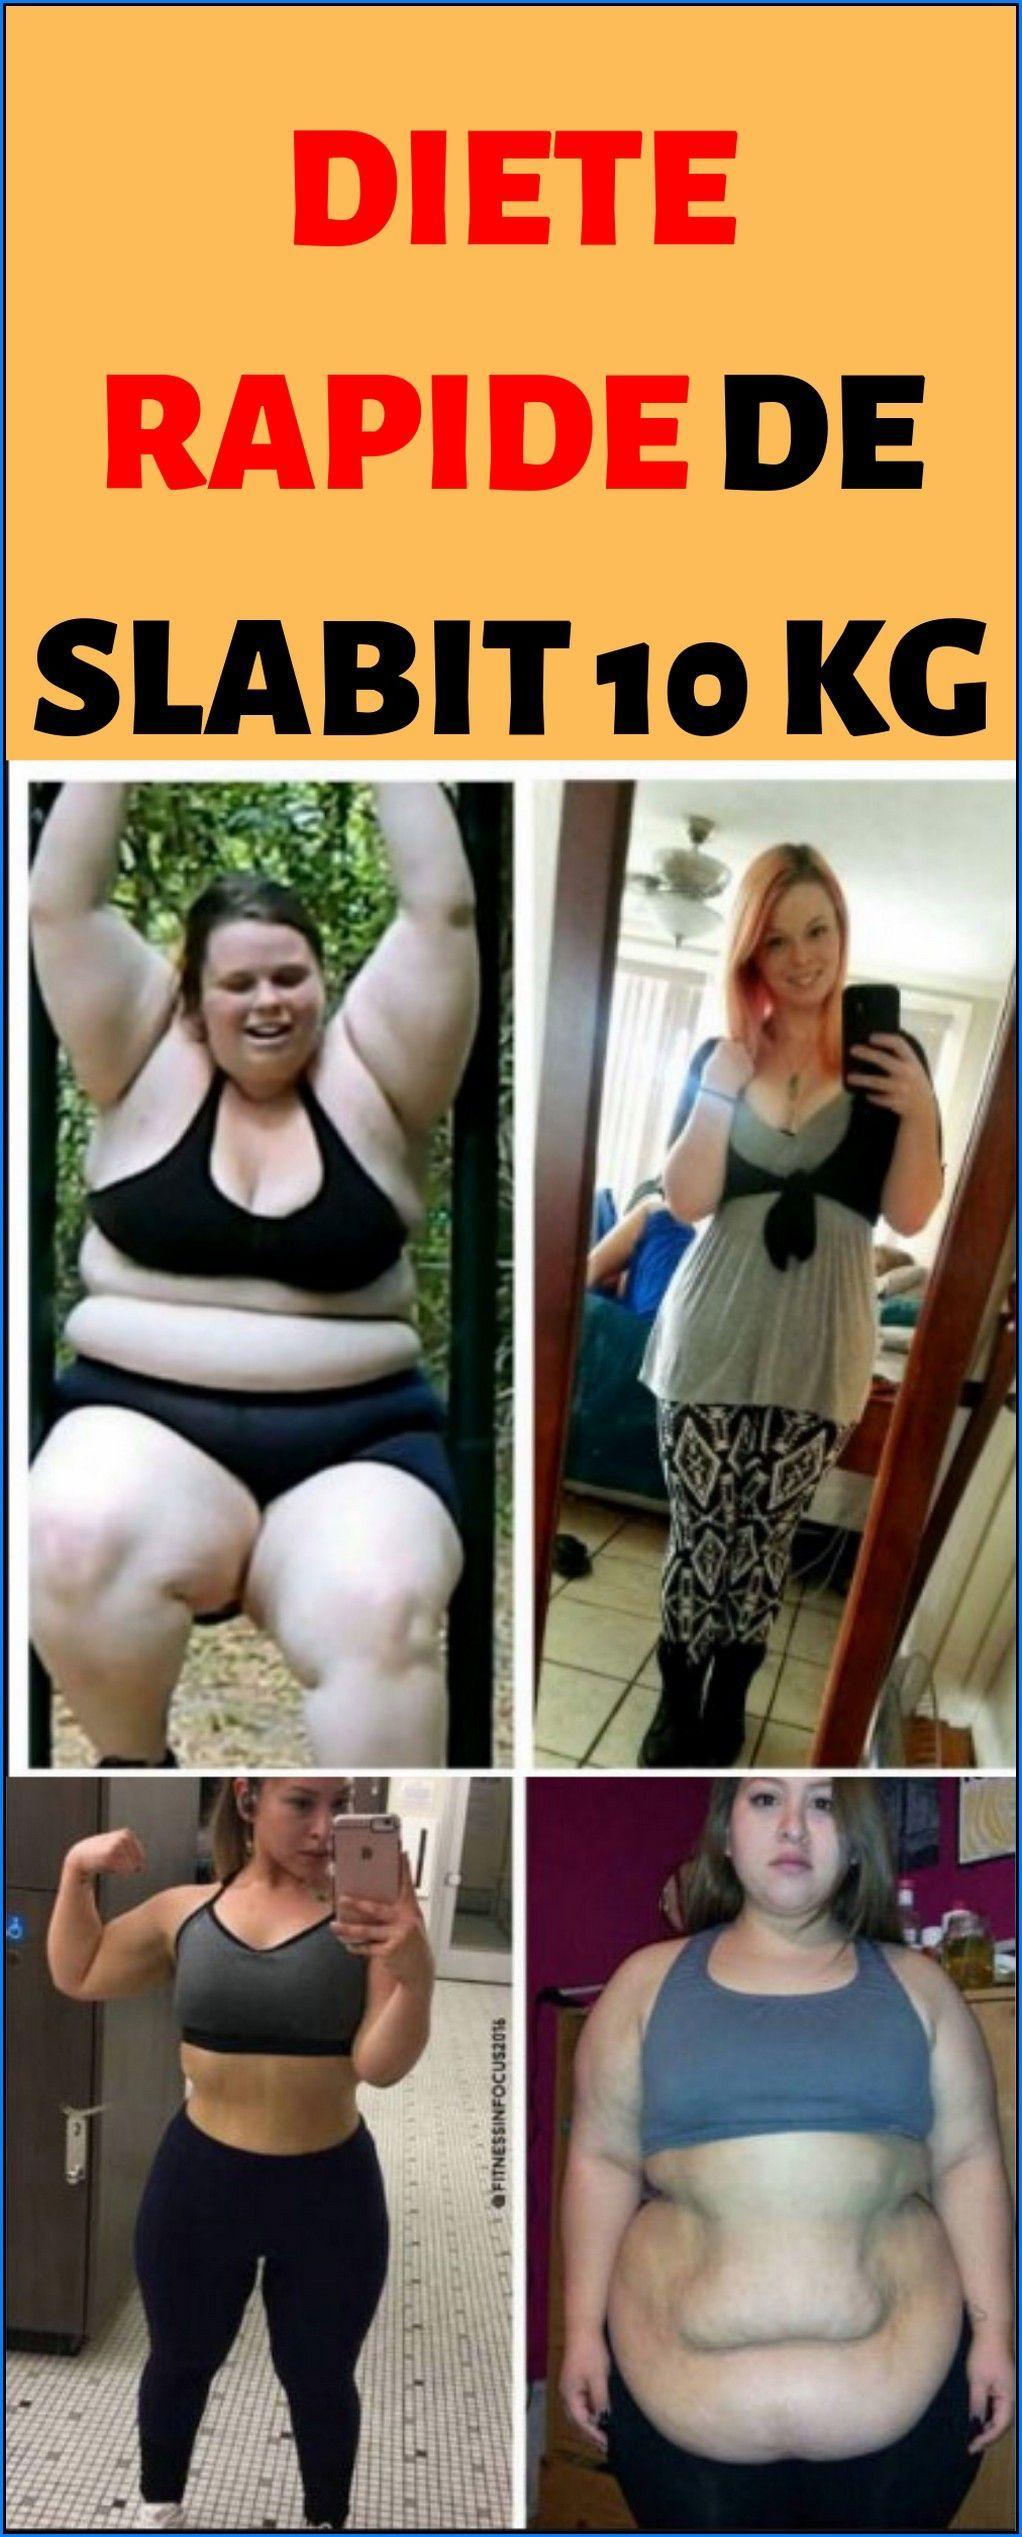 Pierdere în greutate de 1 kg în 1 lună